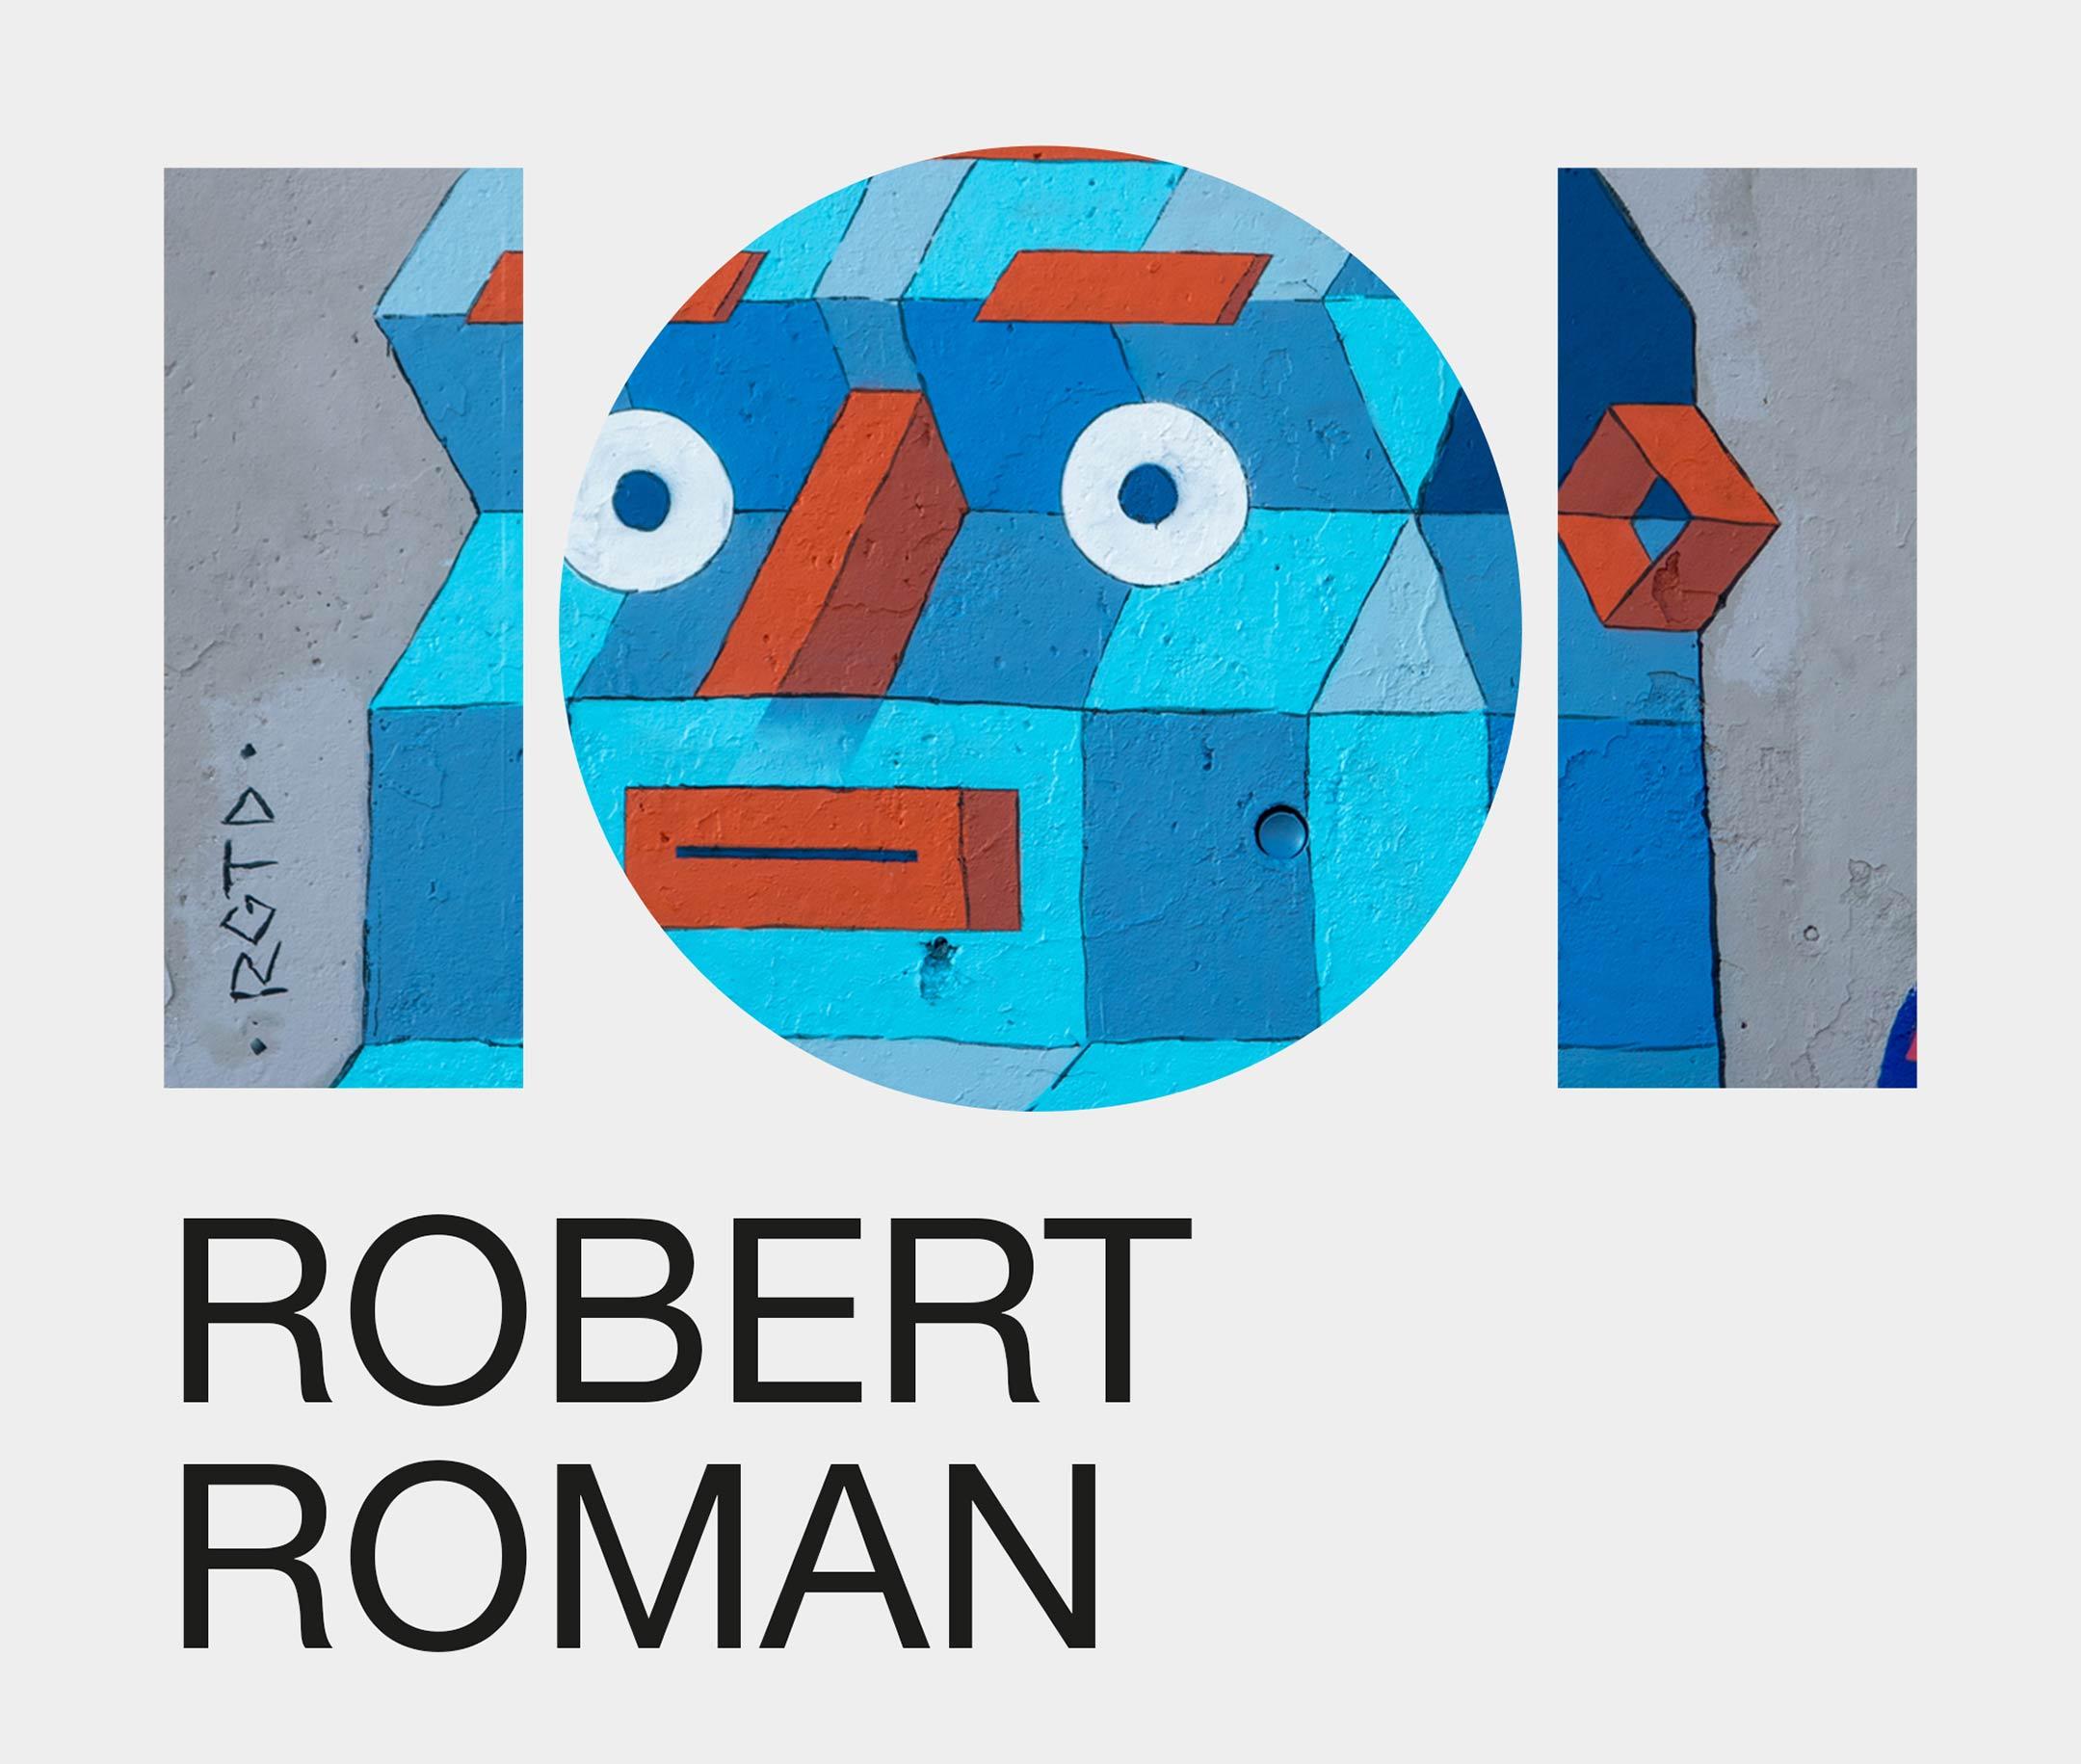 ROBERT-ROMAN_IG